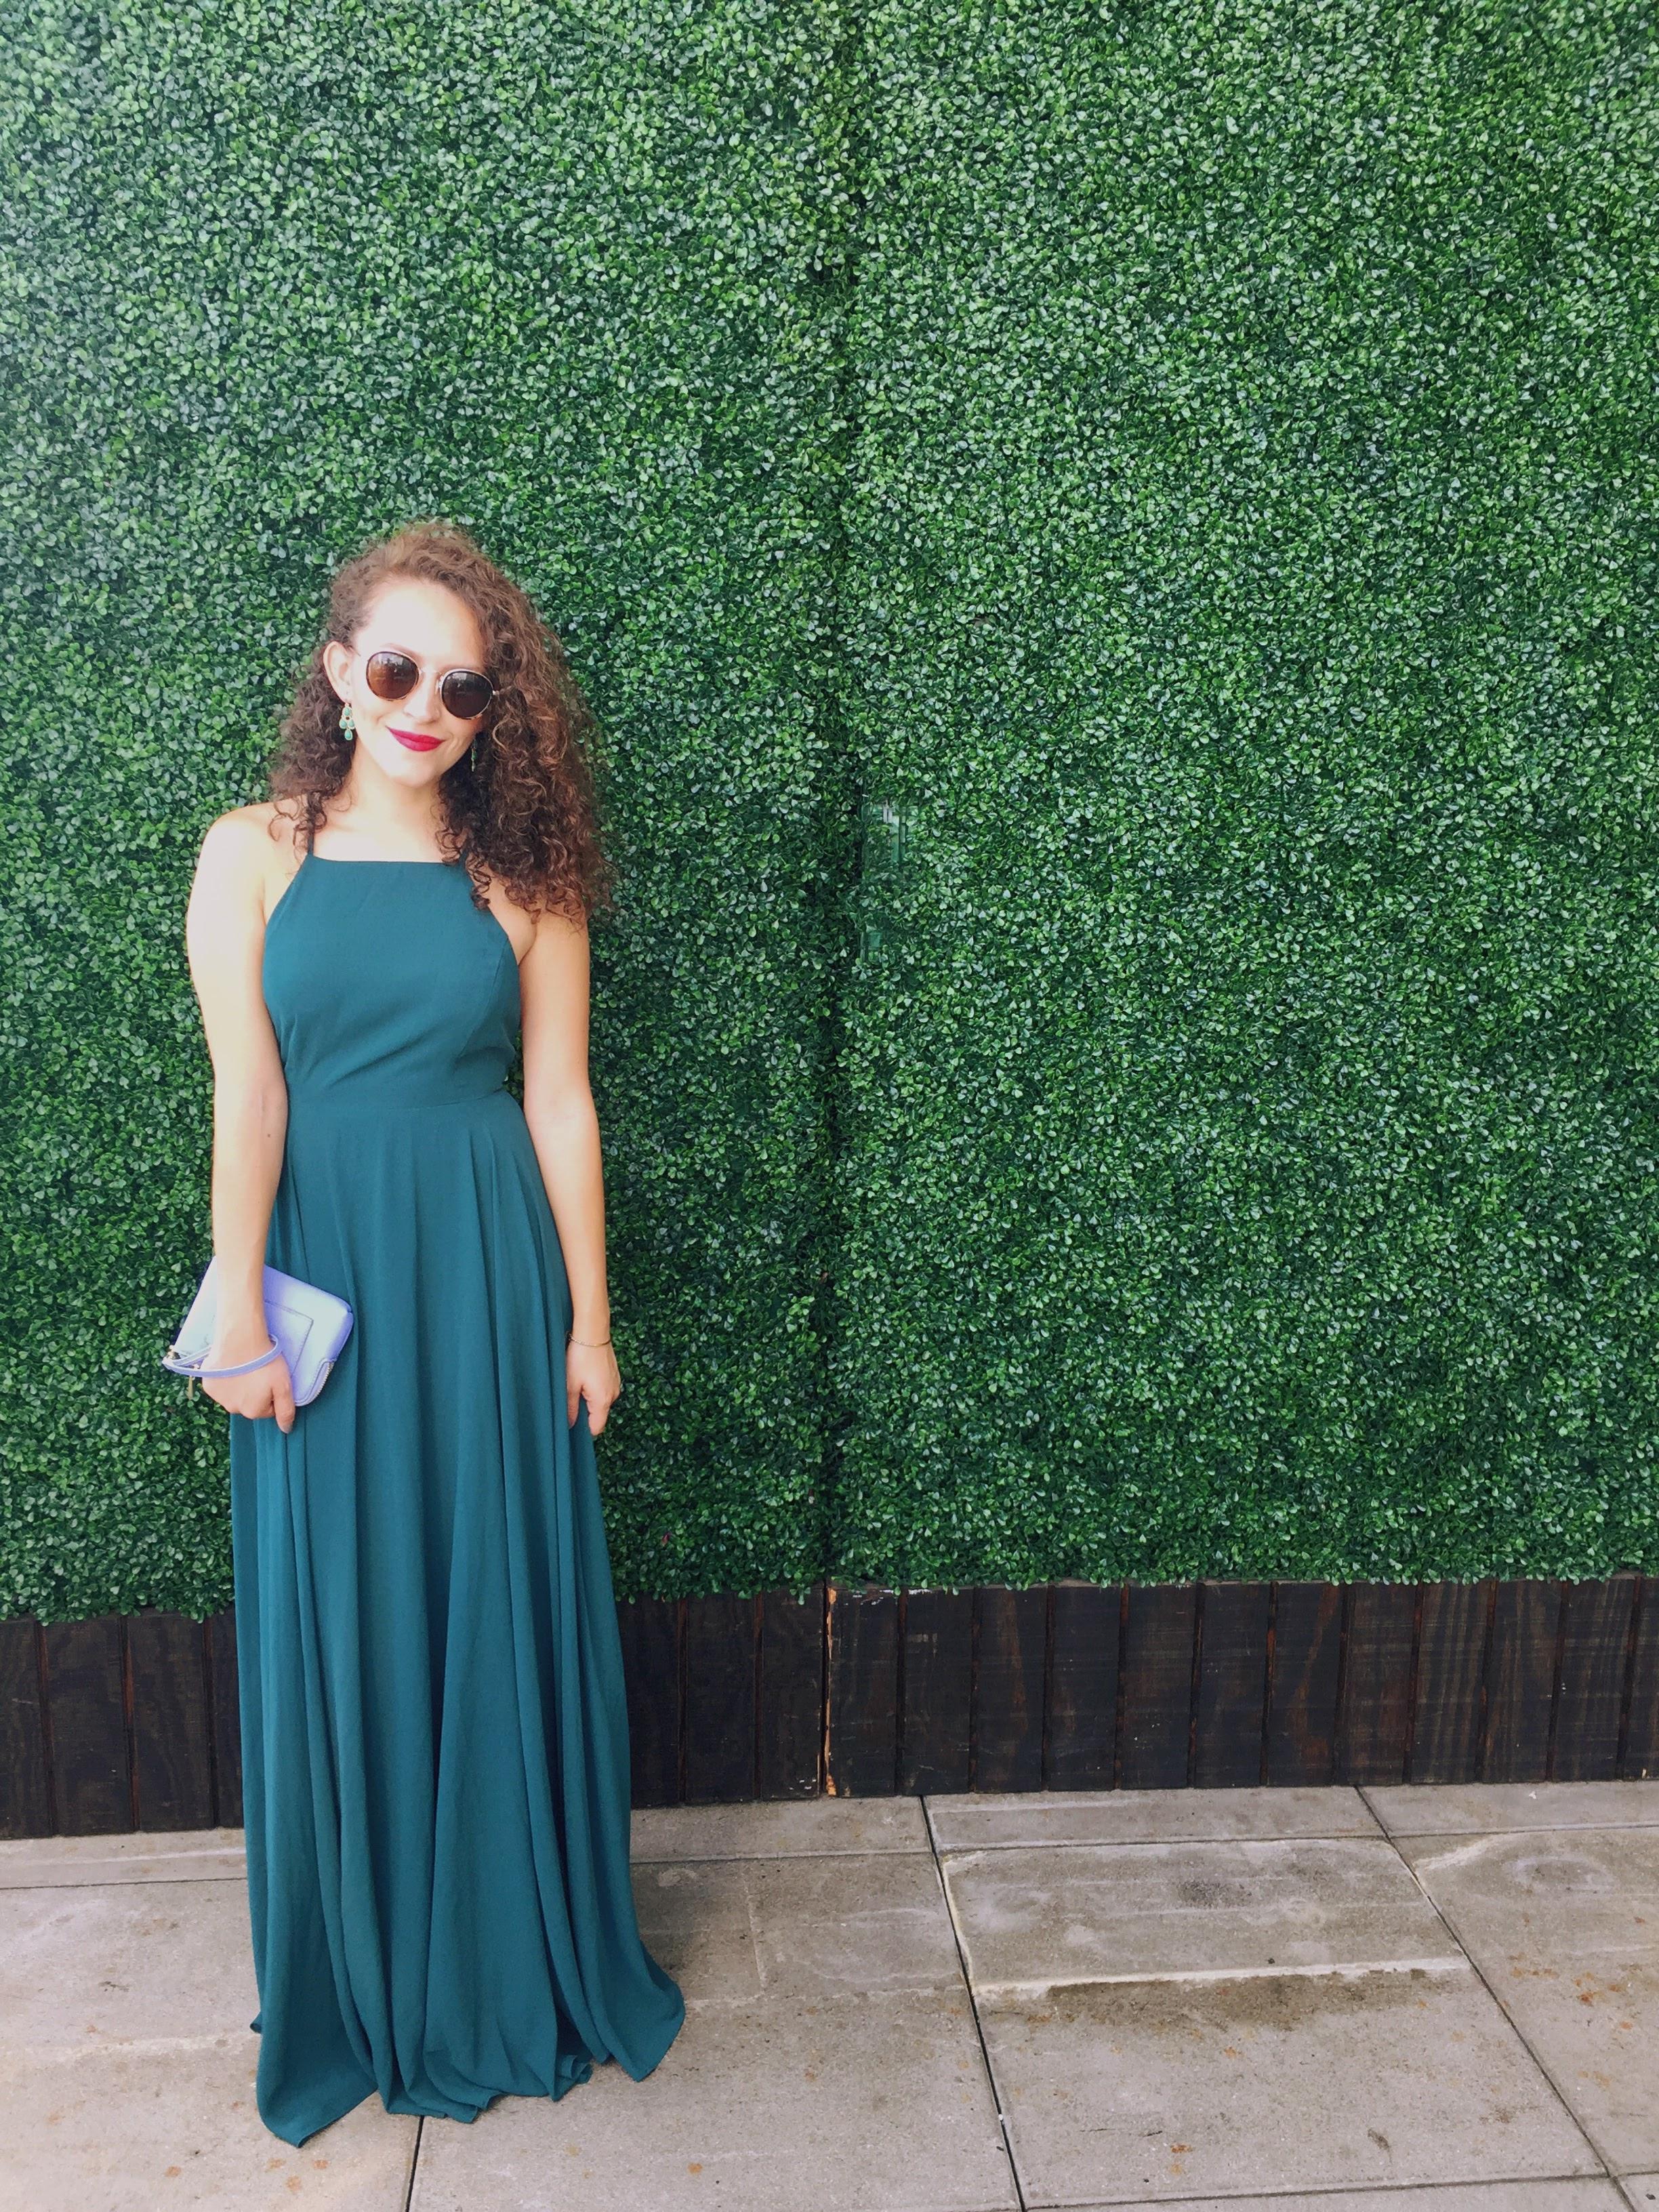 Floor length deep emerald green dress / formal wedding guest outfit